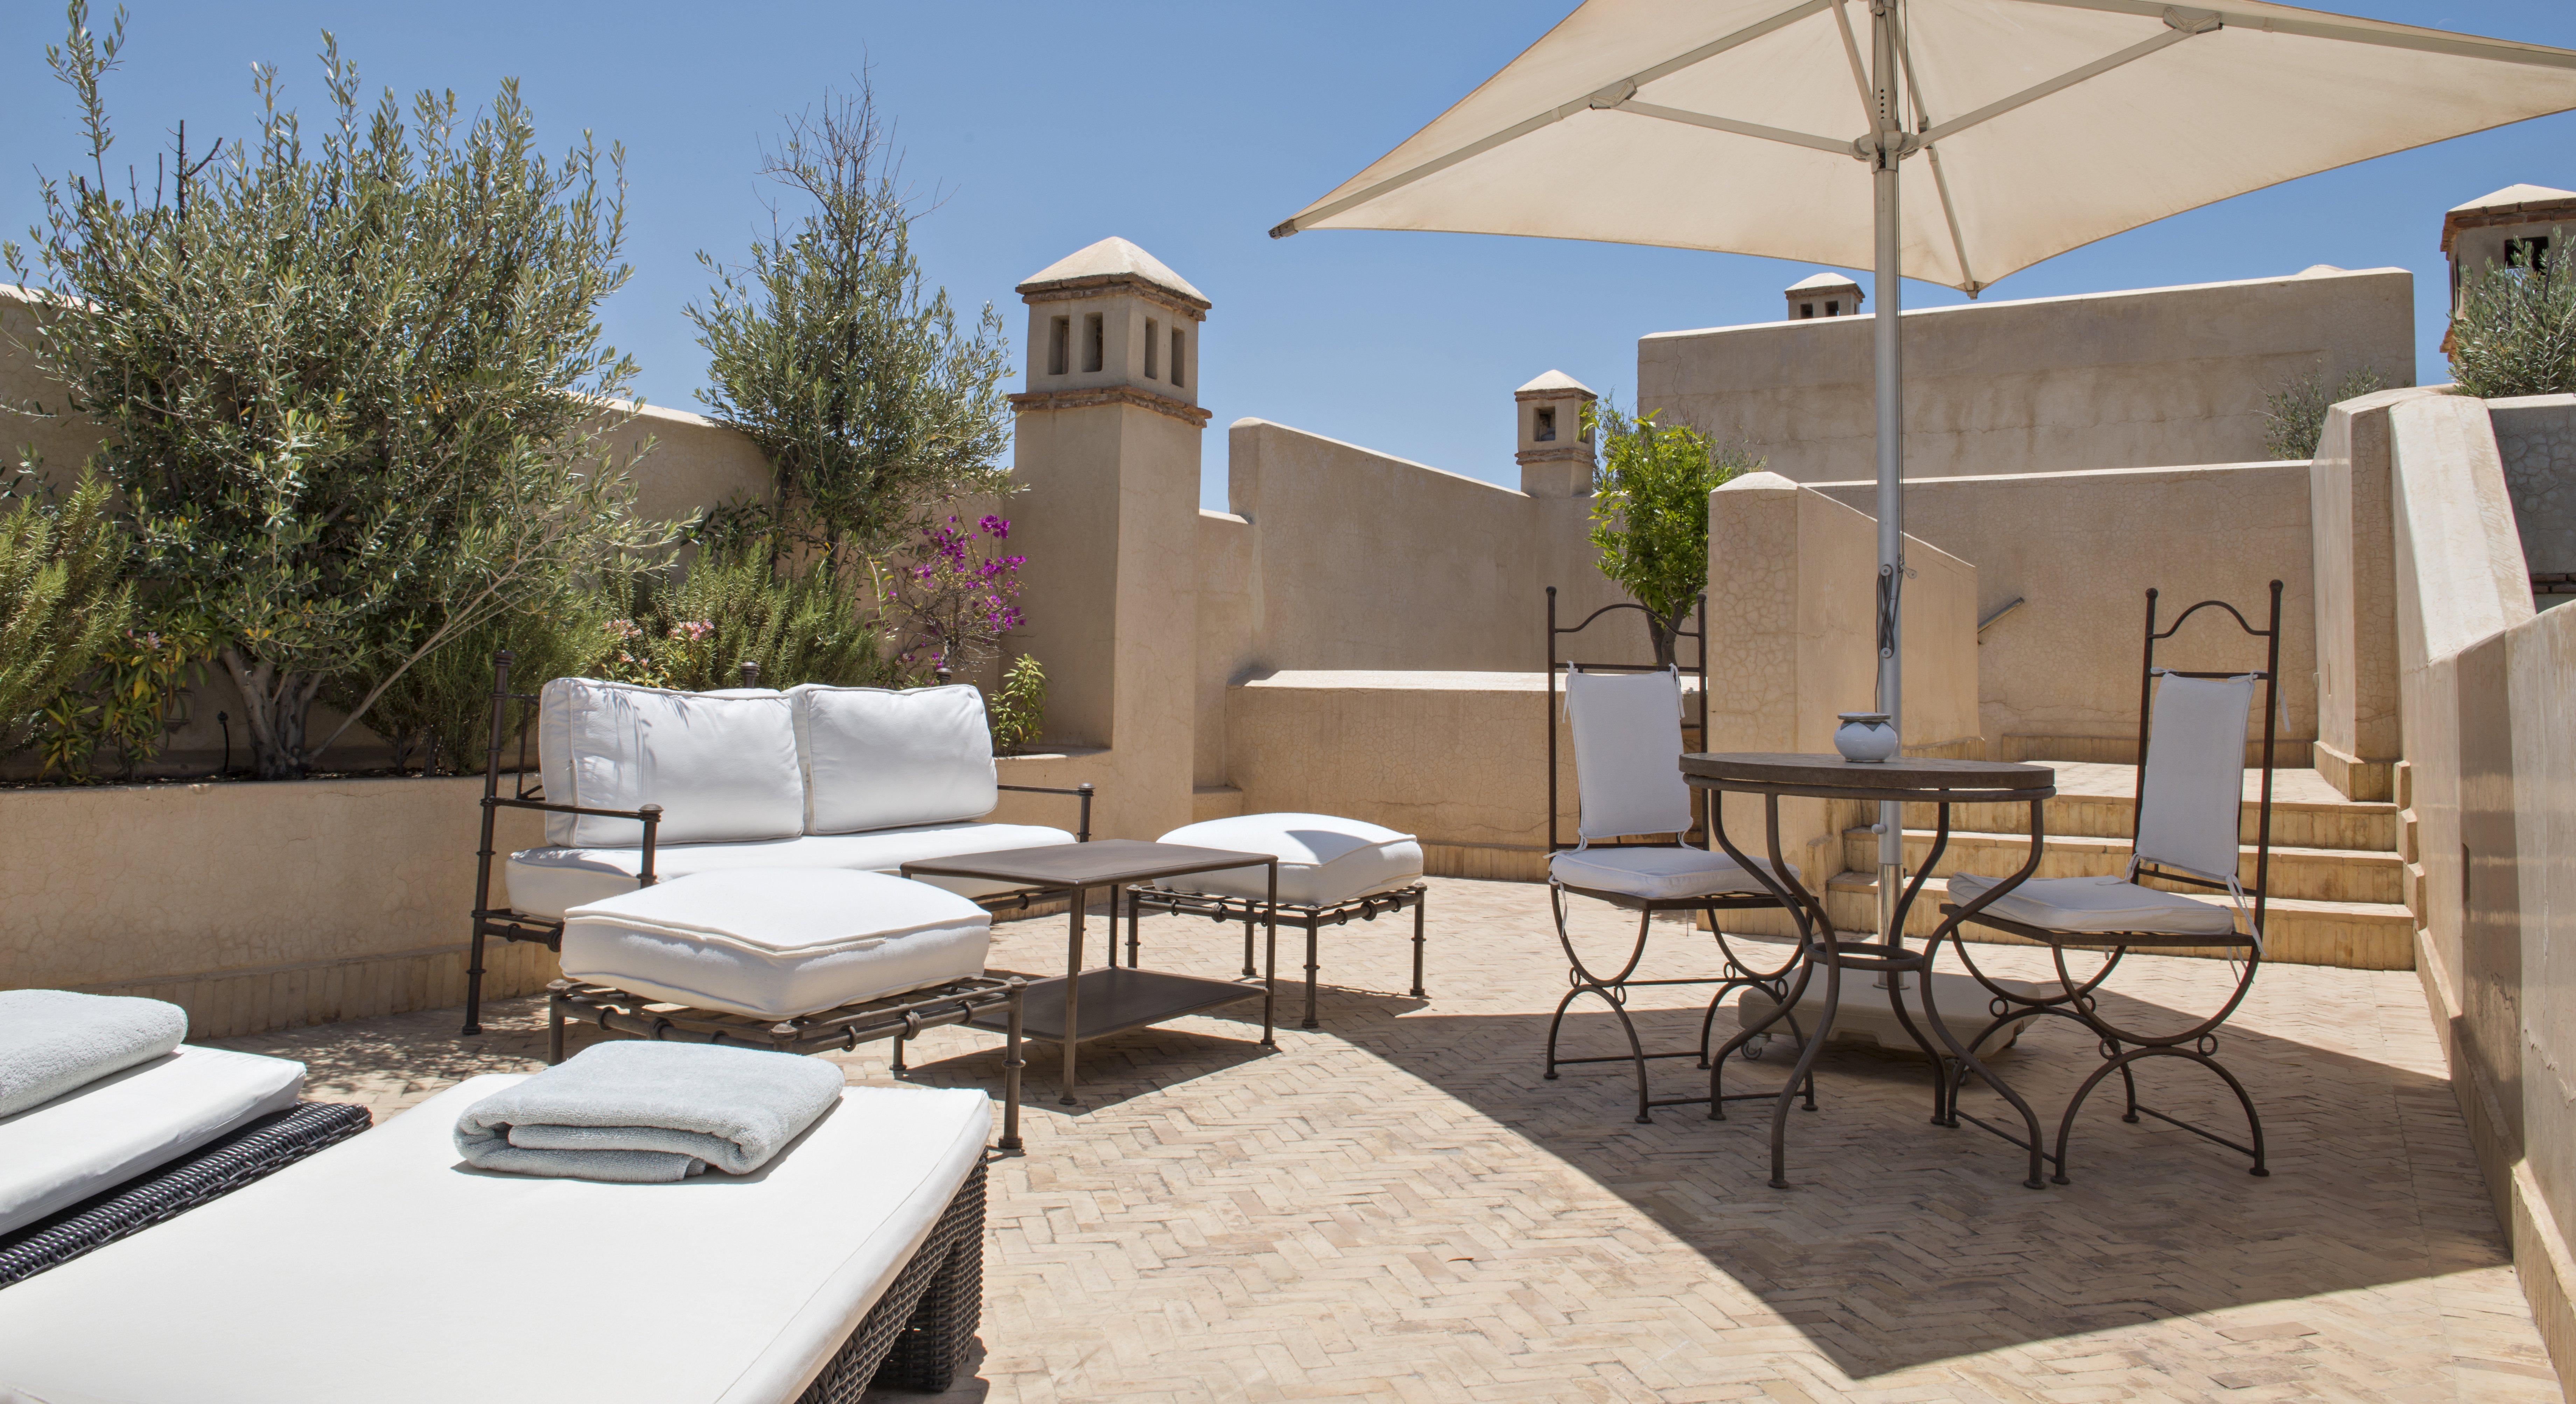 villa-des-orangers-roof-terrace